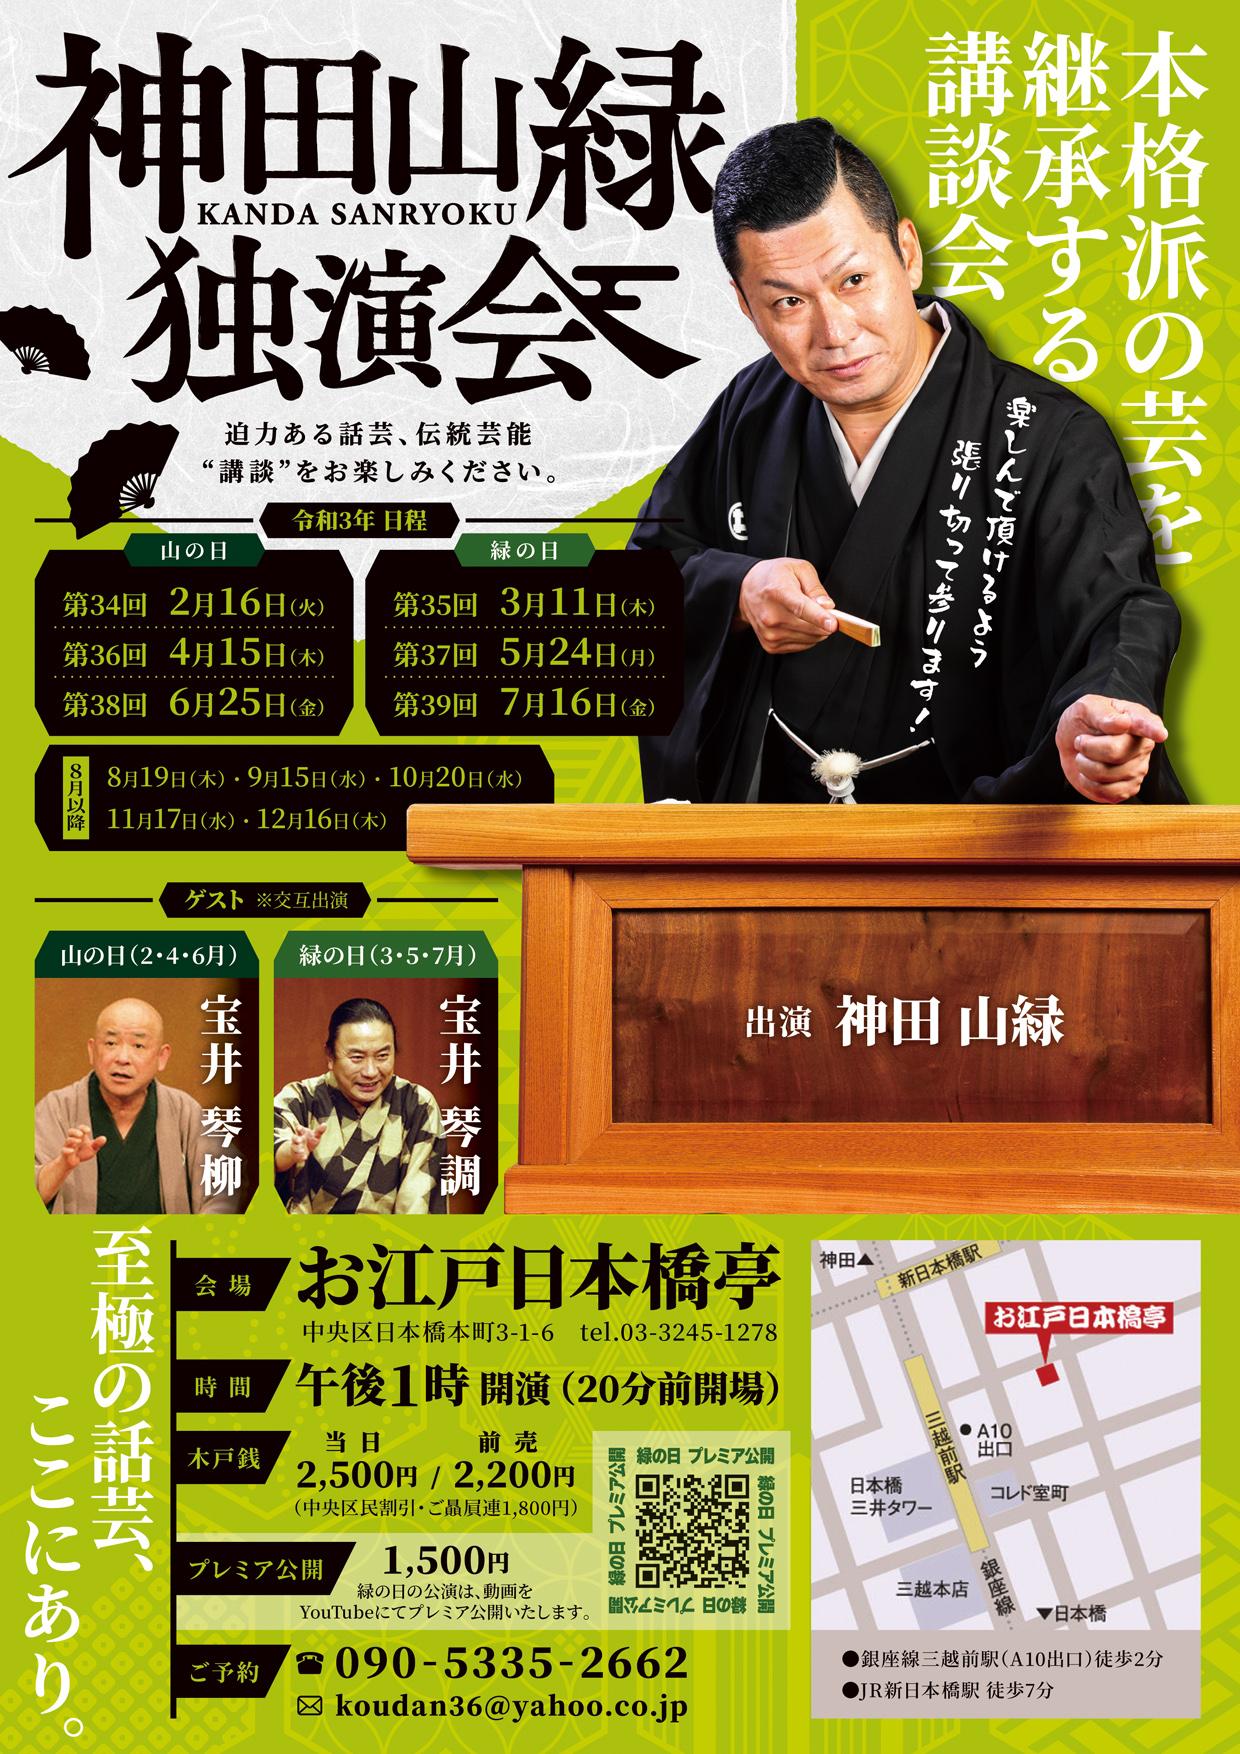 第43回 神田山緑独演会 緑の日  ゲスト宝井琴調